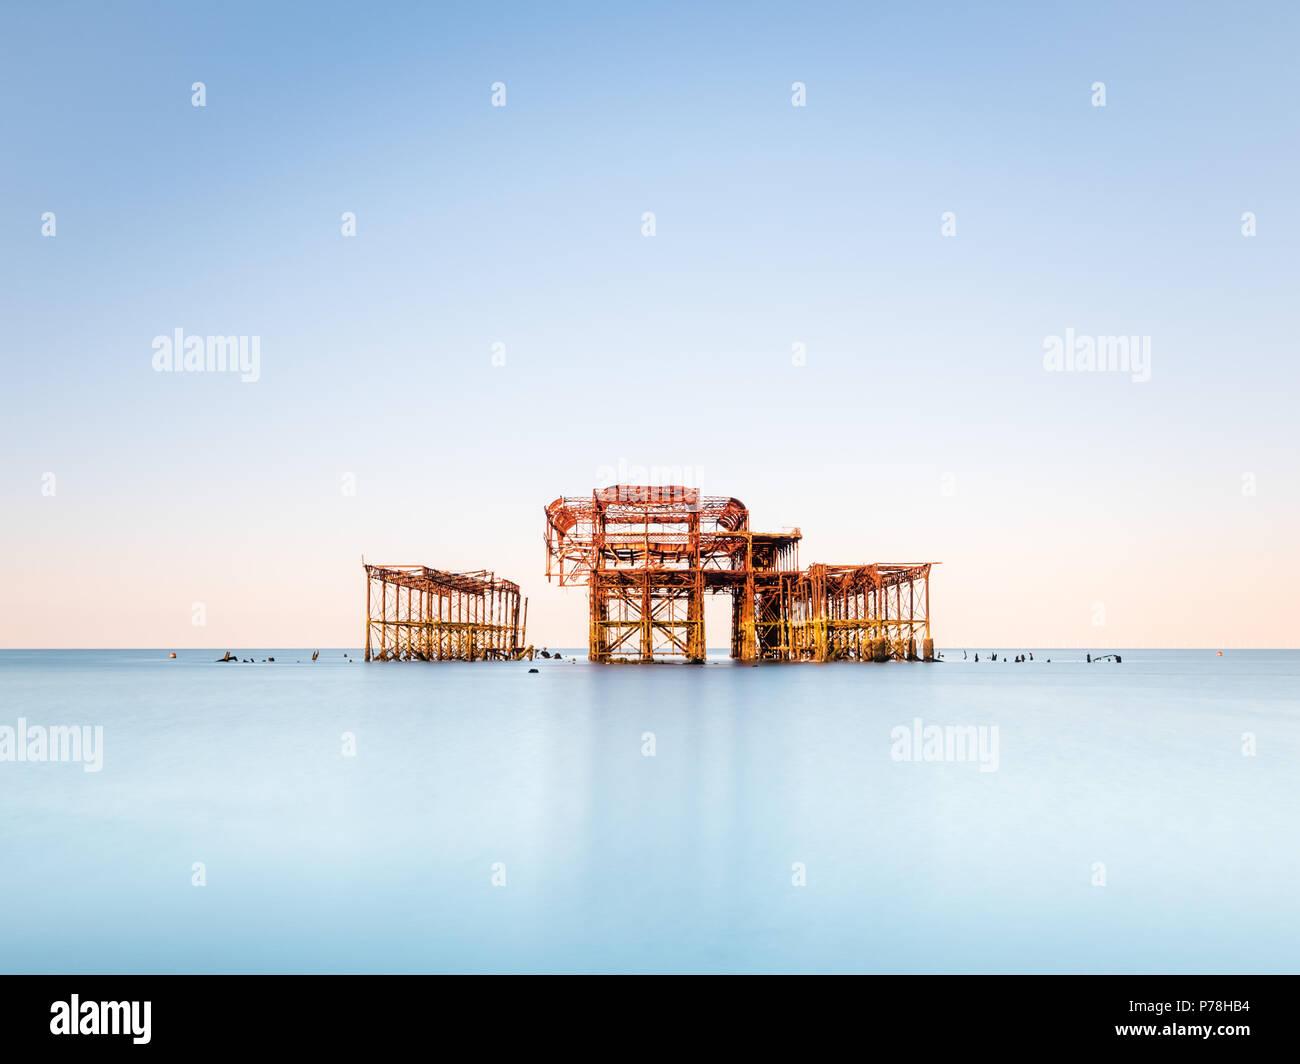 Minimalistischer West Pier in Brighton, East Sussex, bei Sonnenaufgang und in einer ruhigen Meer mit schönen Pastelltönen in einem wolkenlosen Himmel wider Stockbild